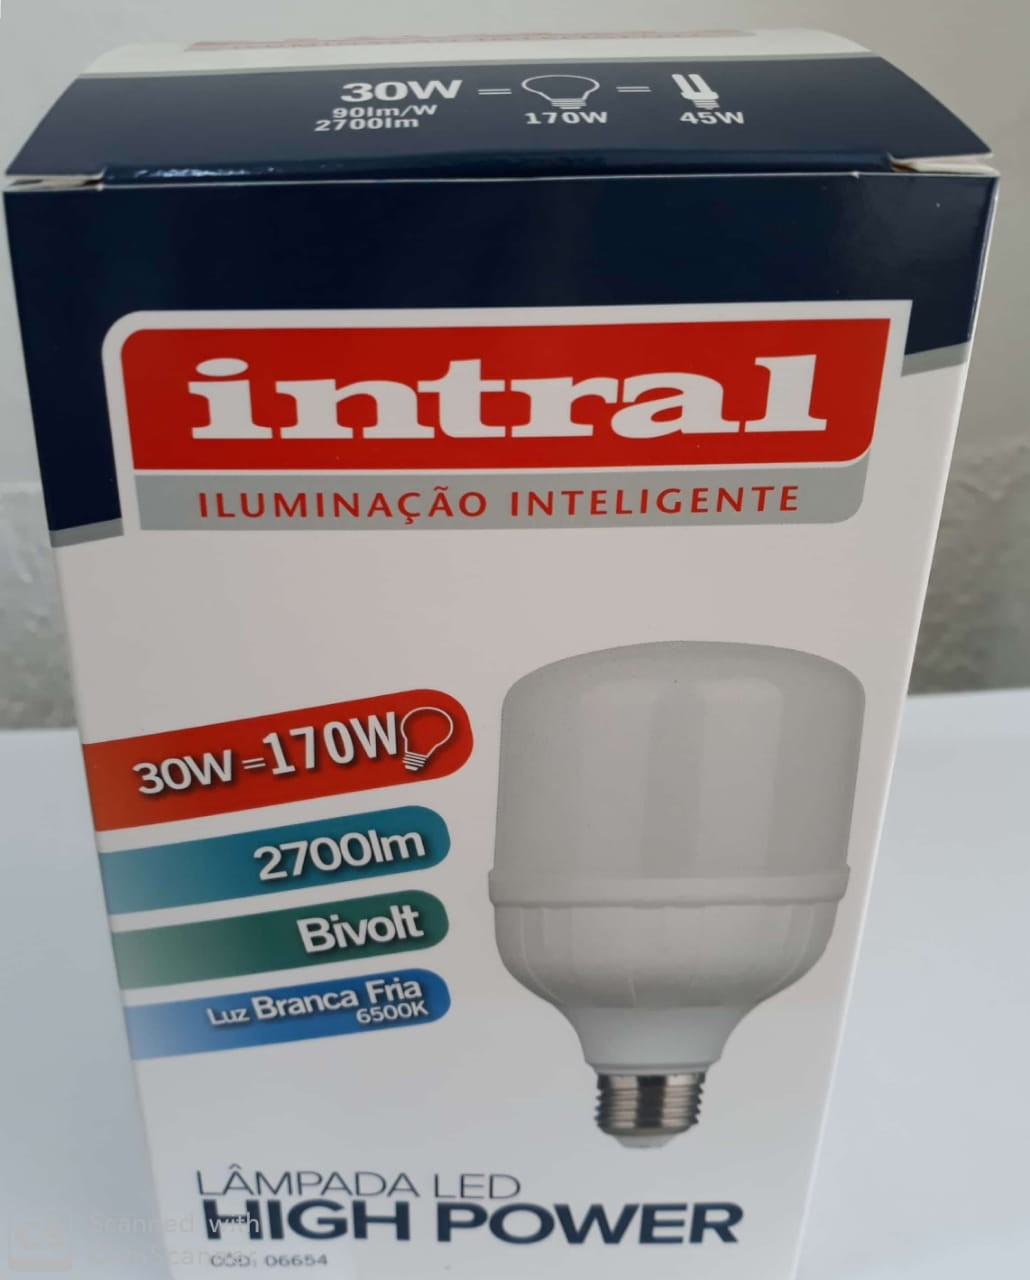 LAMPADA LED HIGH POWER 30W - 2700lm - 6500K - BRC FRIO